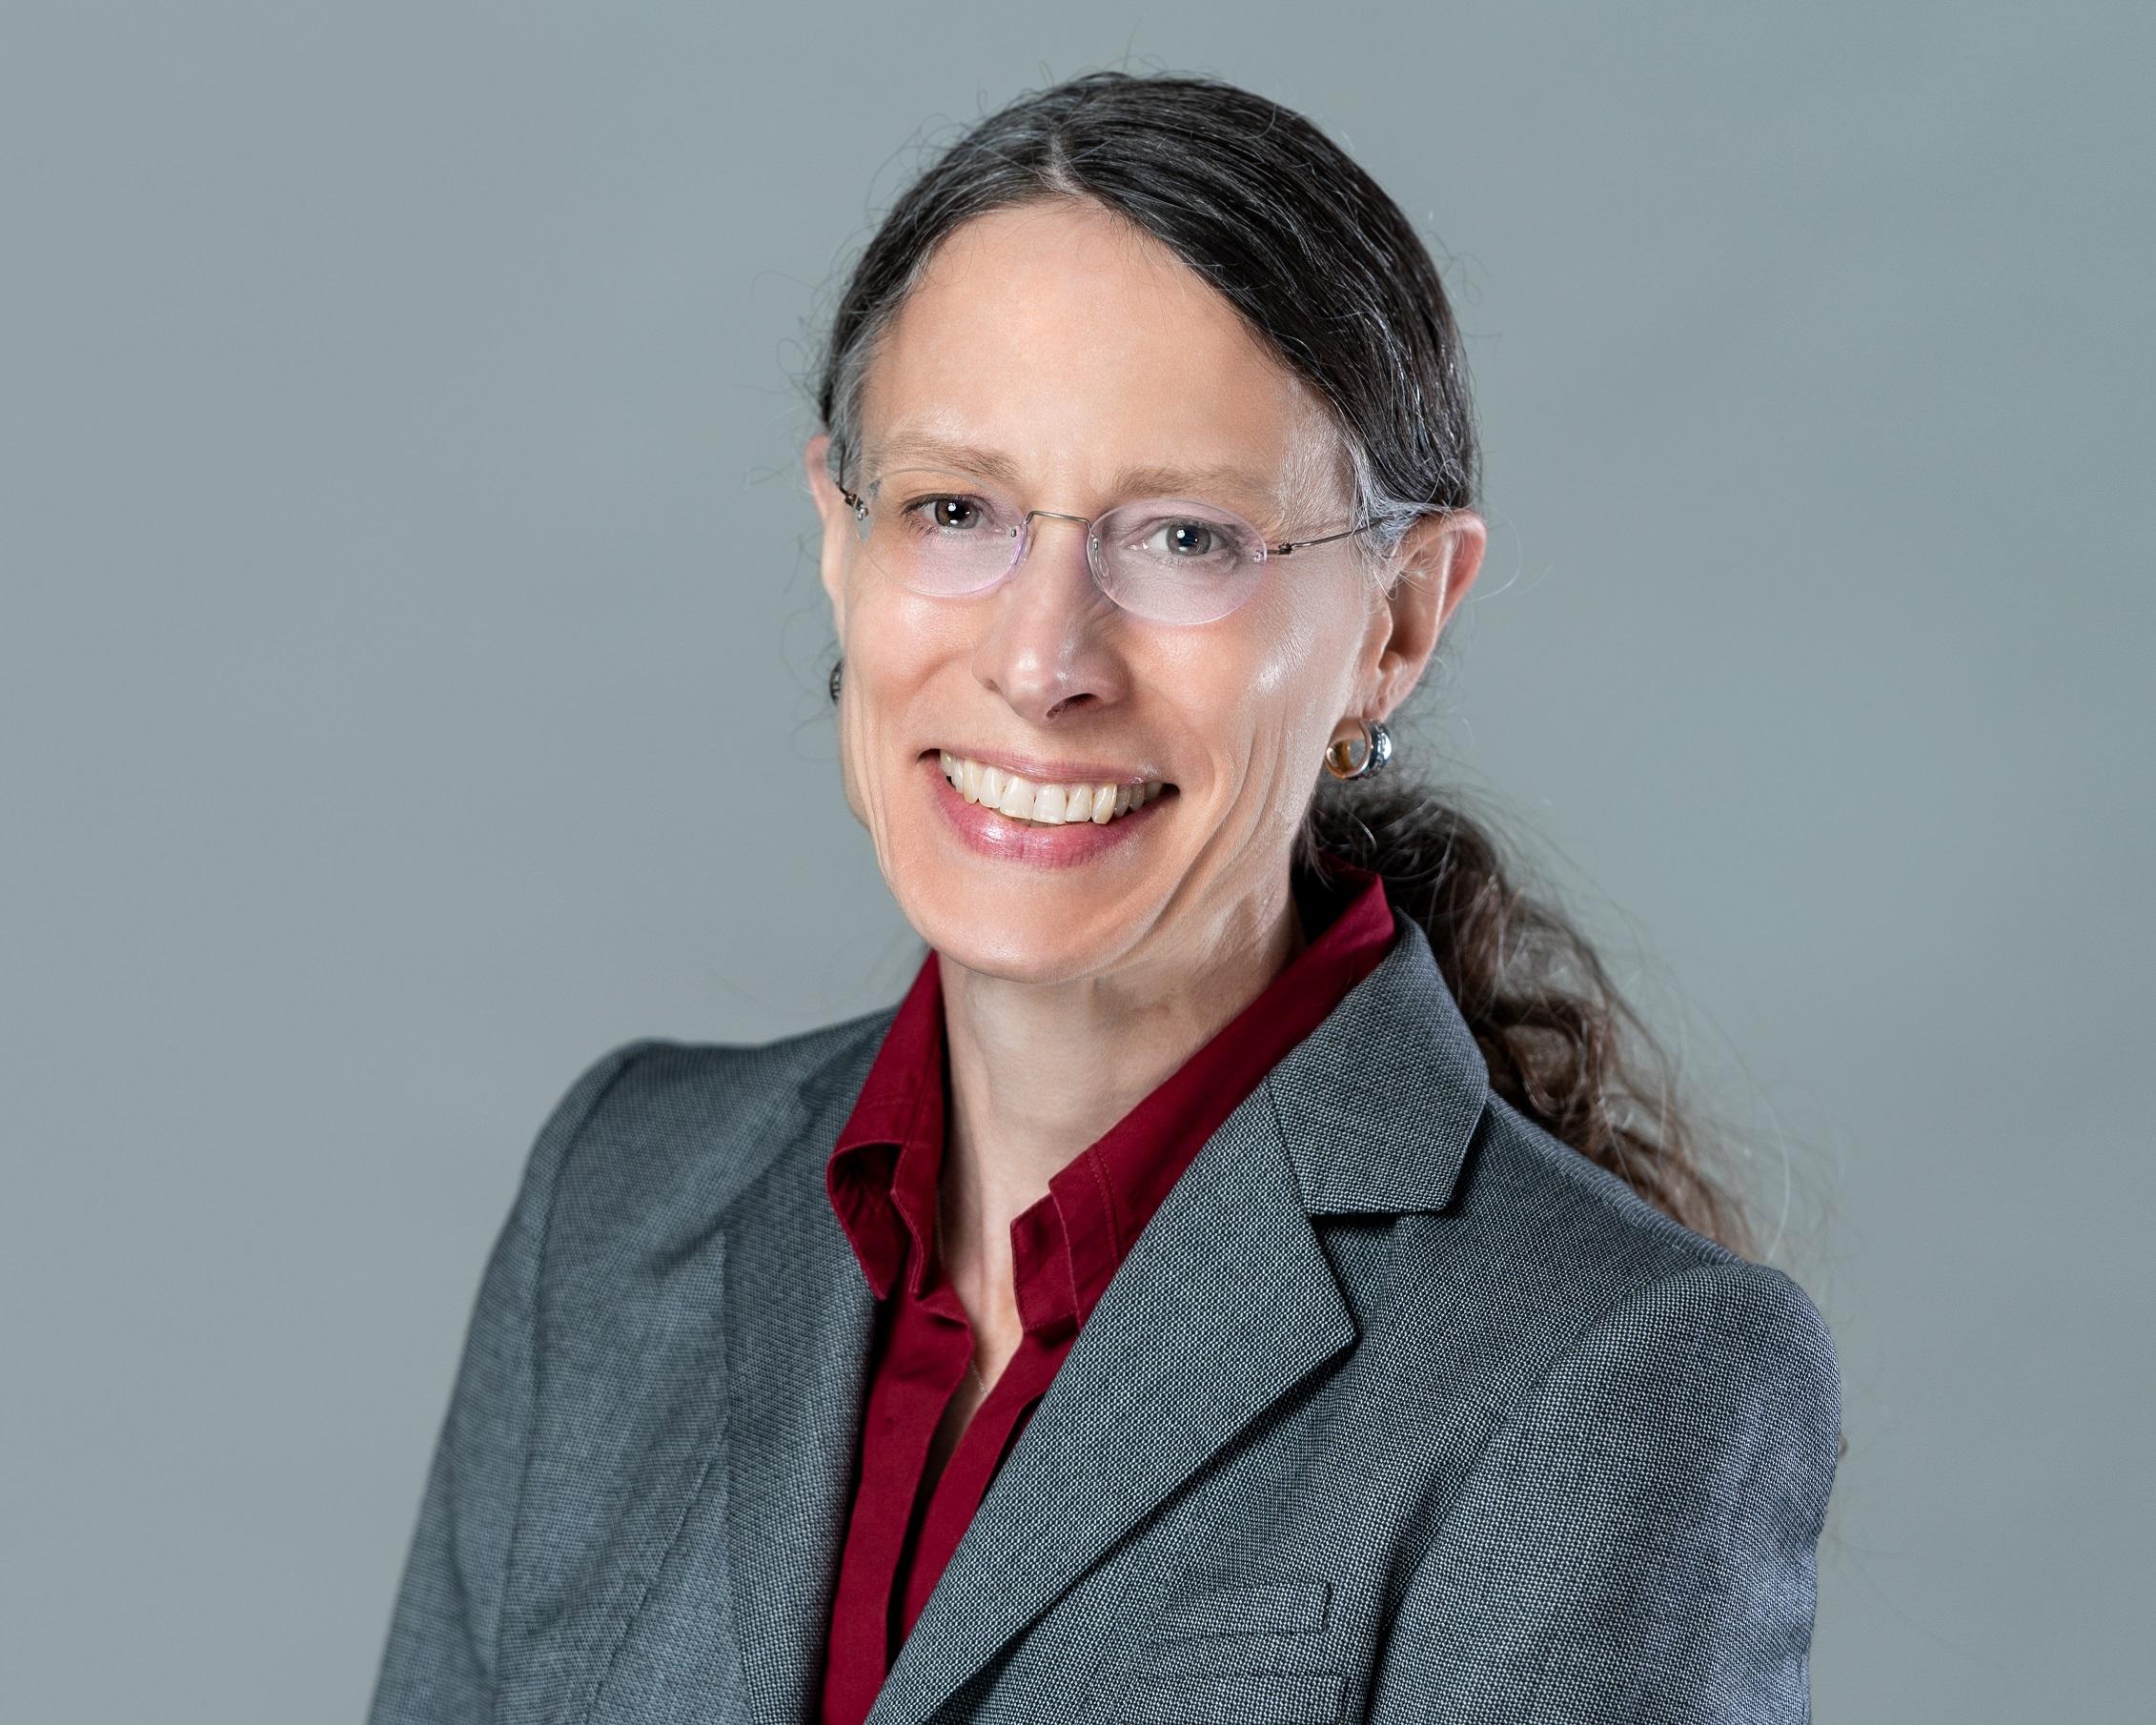 Sharon Gorski